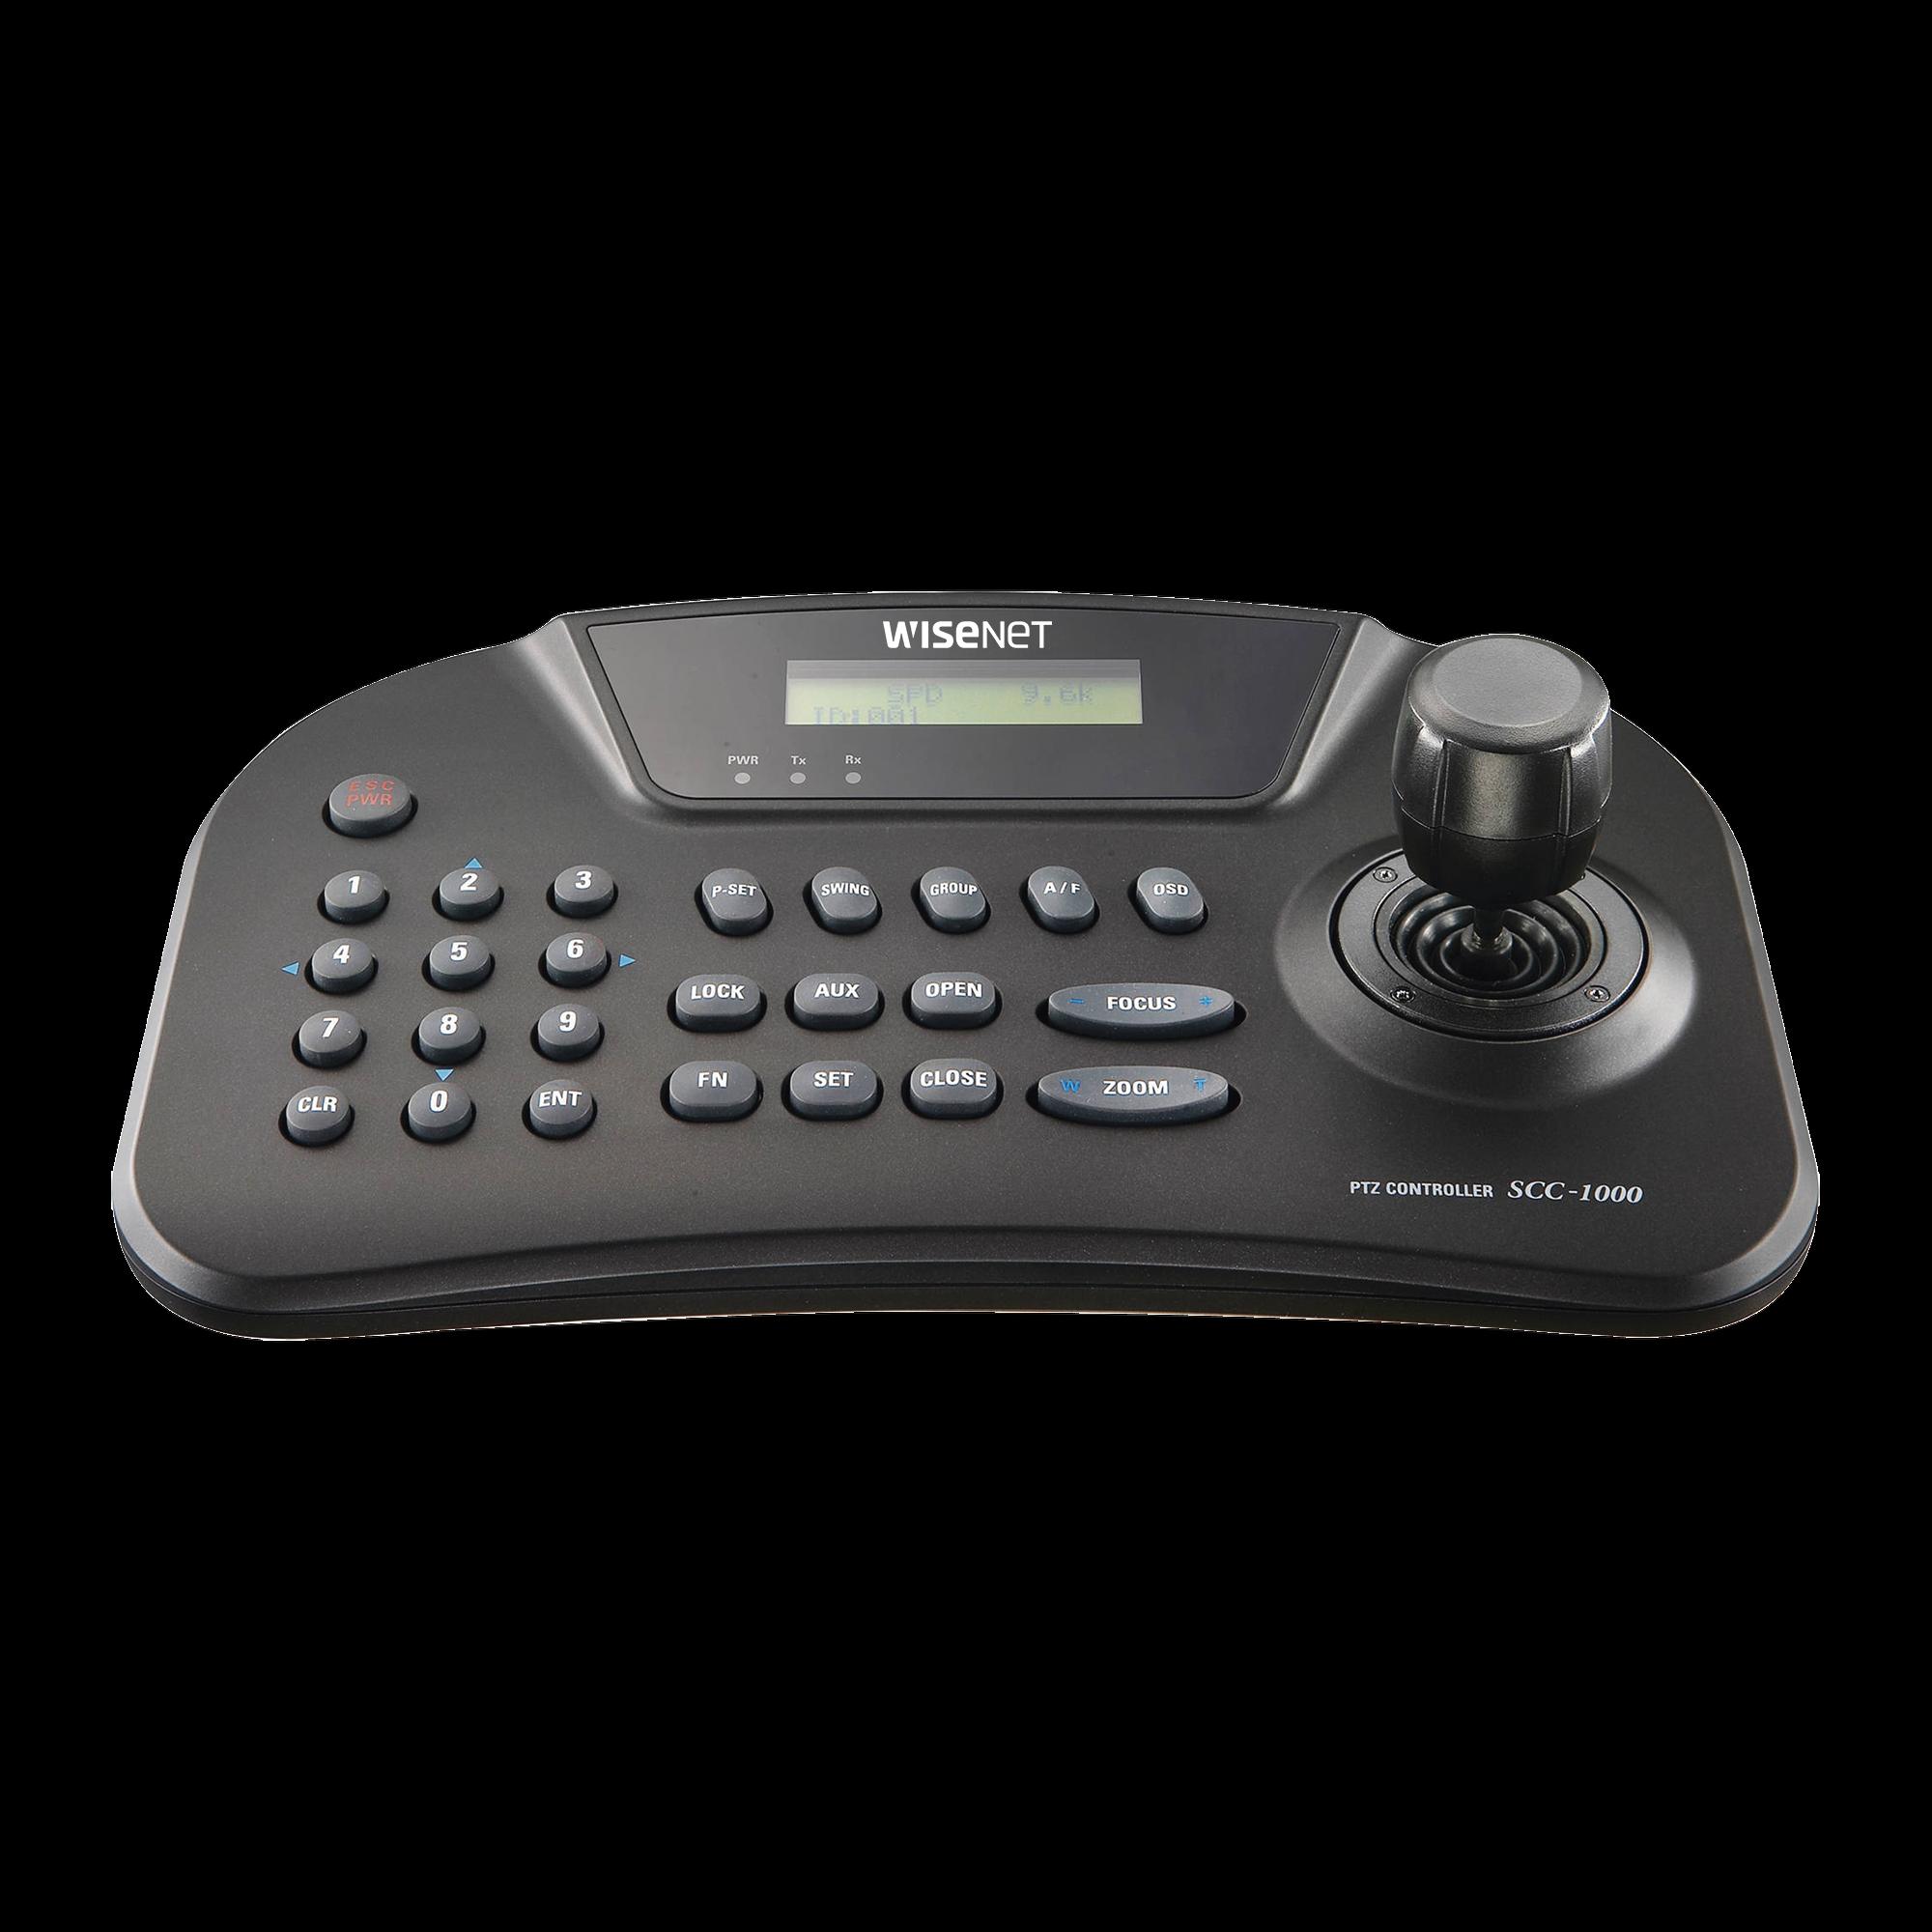 Controlador PTZ RS-485 de hasta 255 domos, joystick de 3 ejes